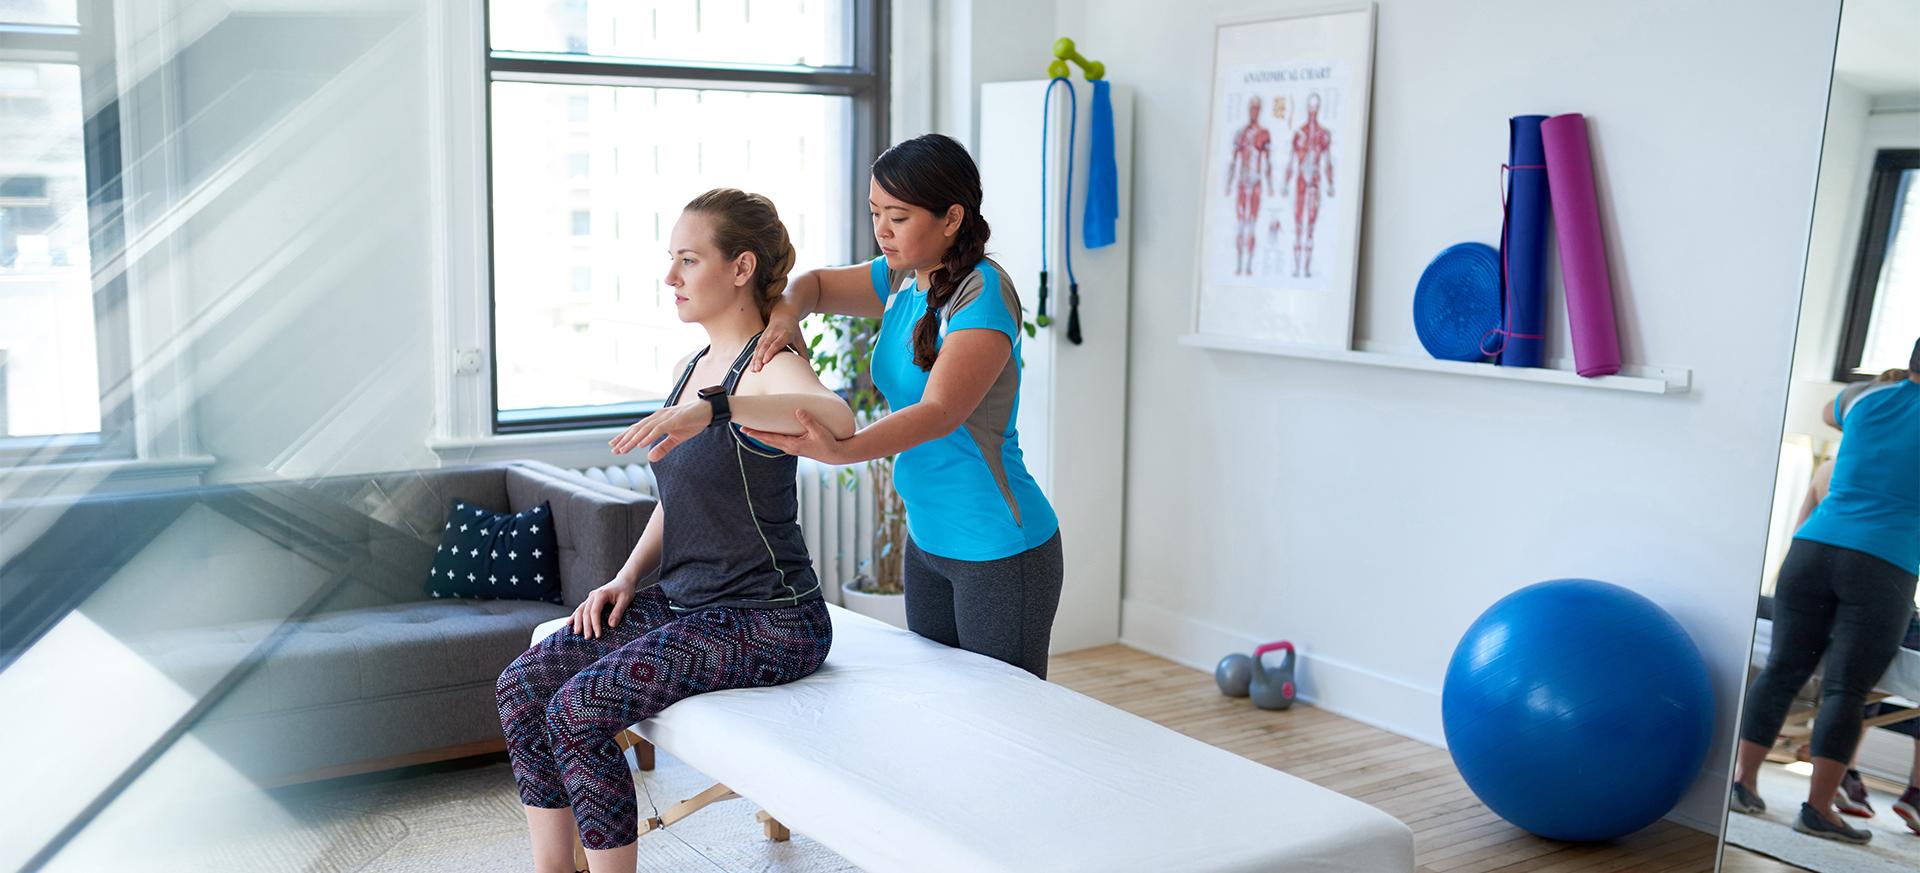 Physiotherapeutin behandelt Patientin